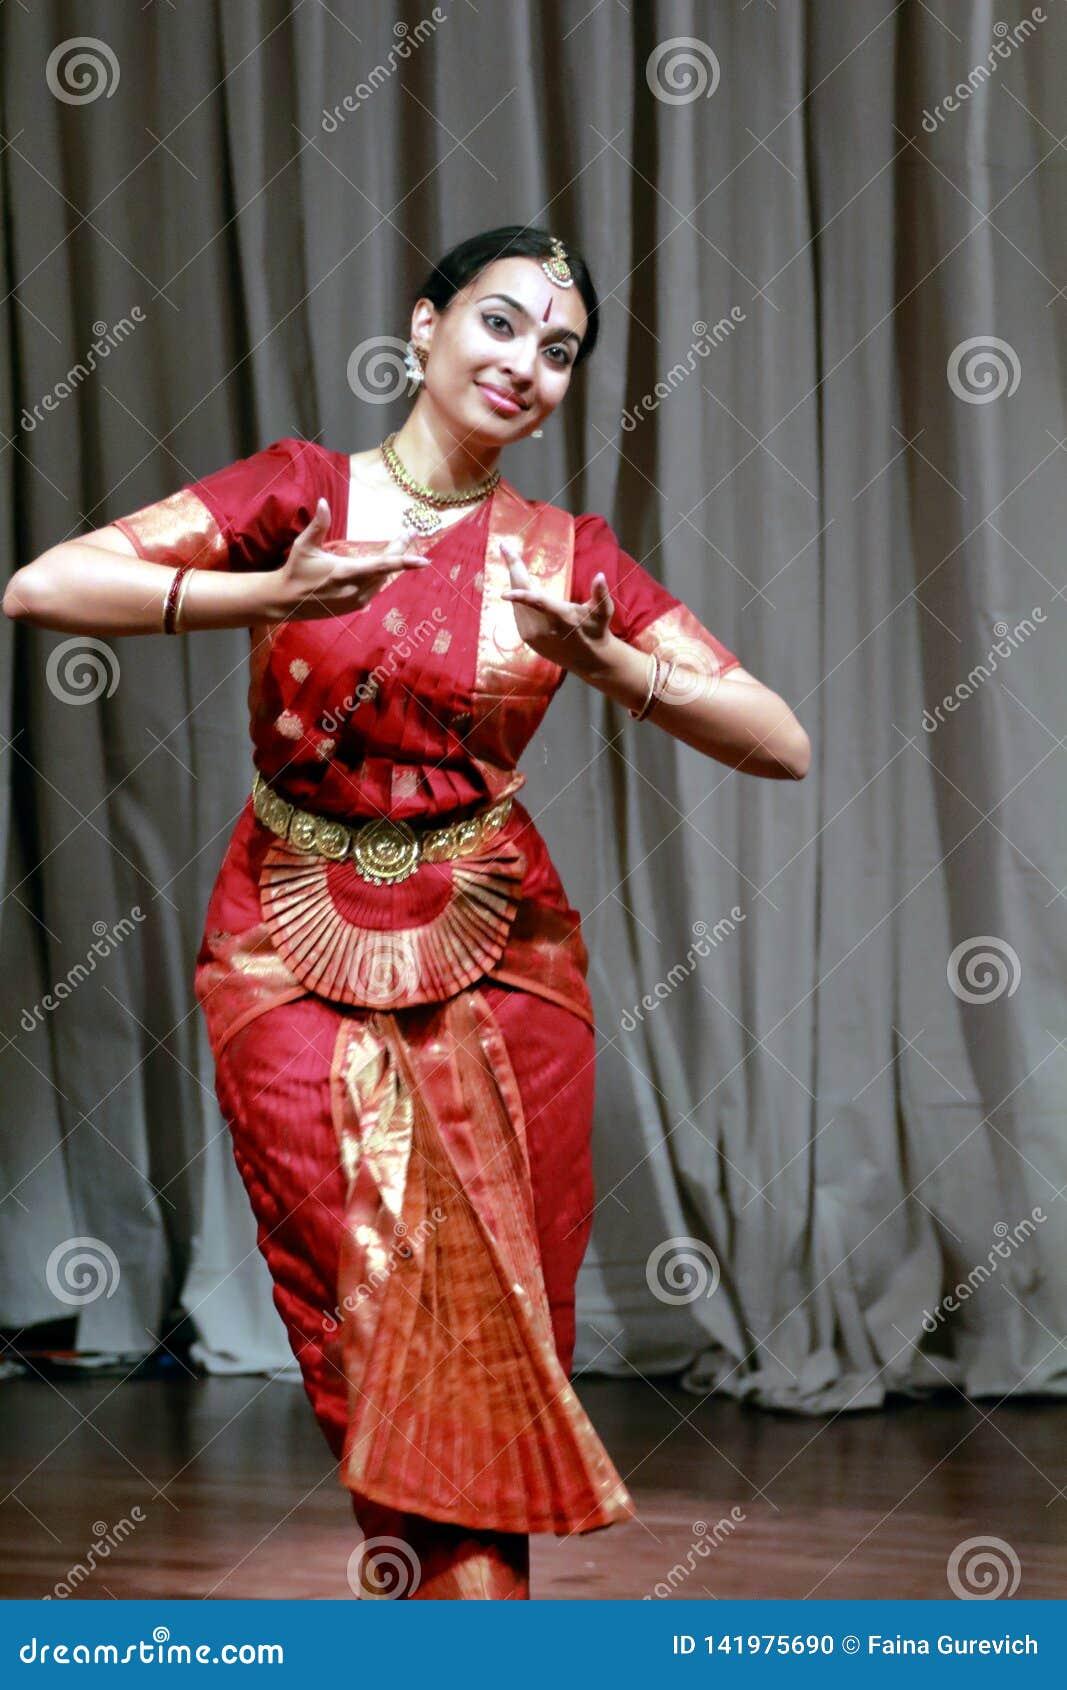 阿鲁纳执行bharatanatyam古典舞蹈的卡罗德在布兰顿艺术馆